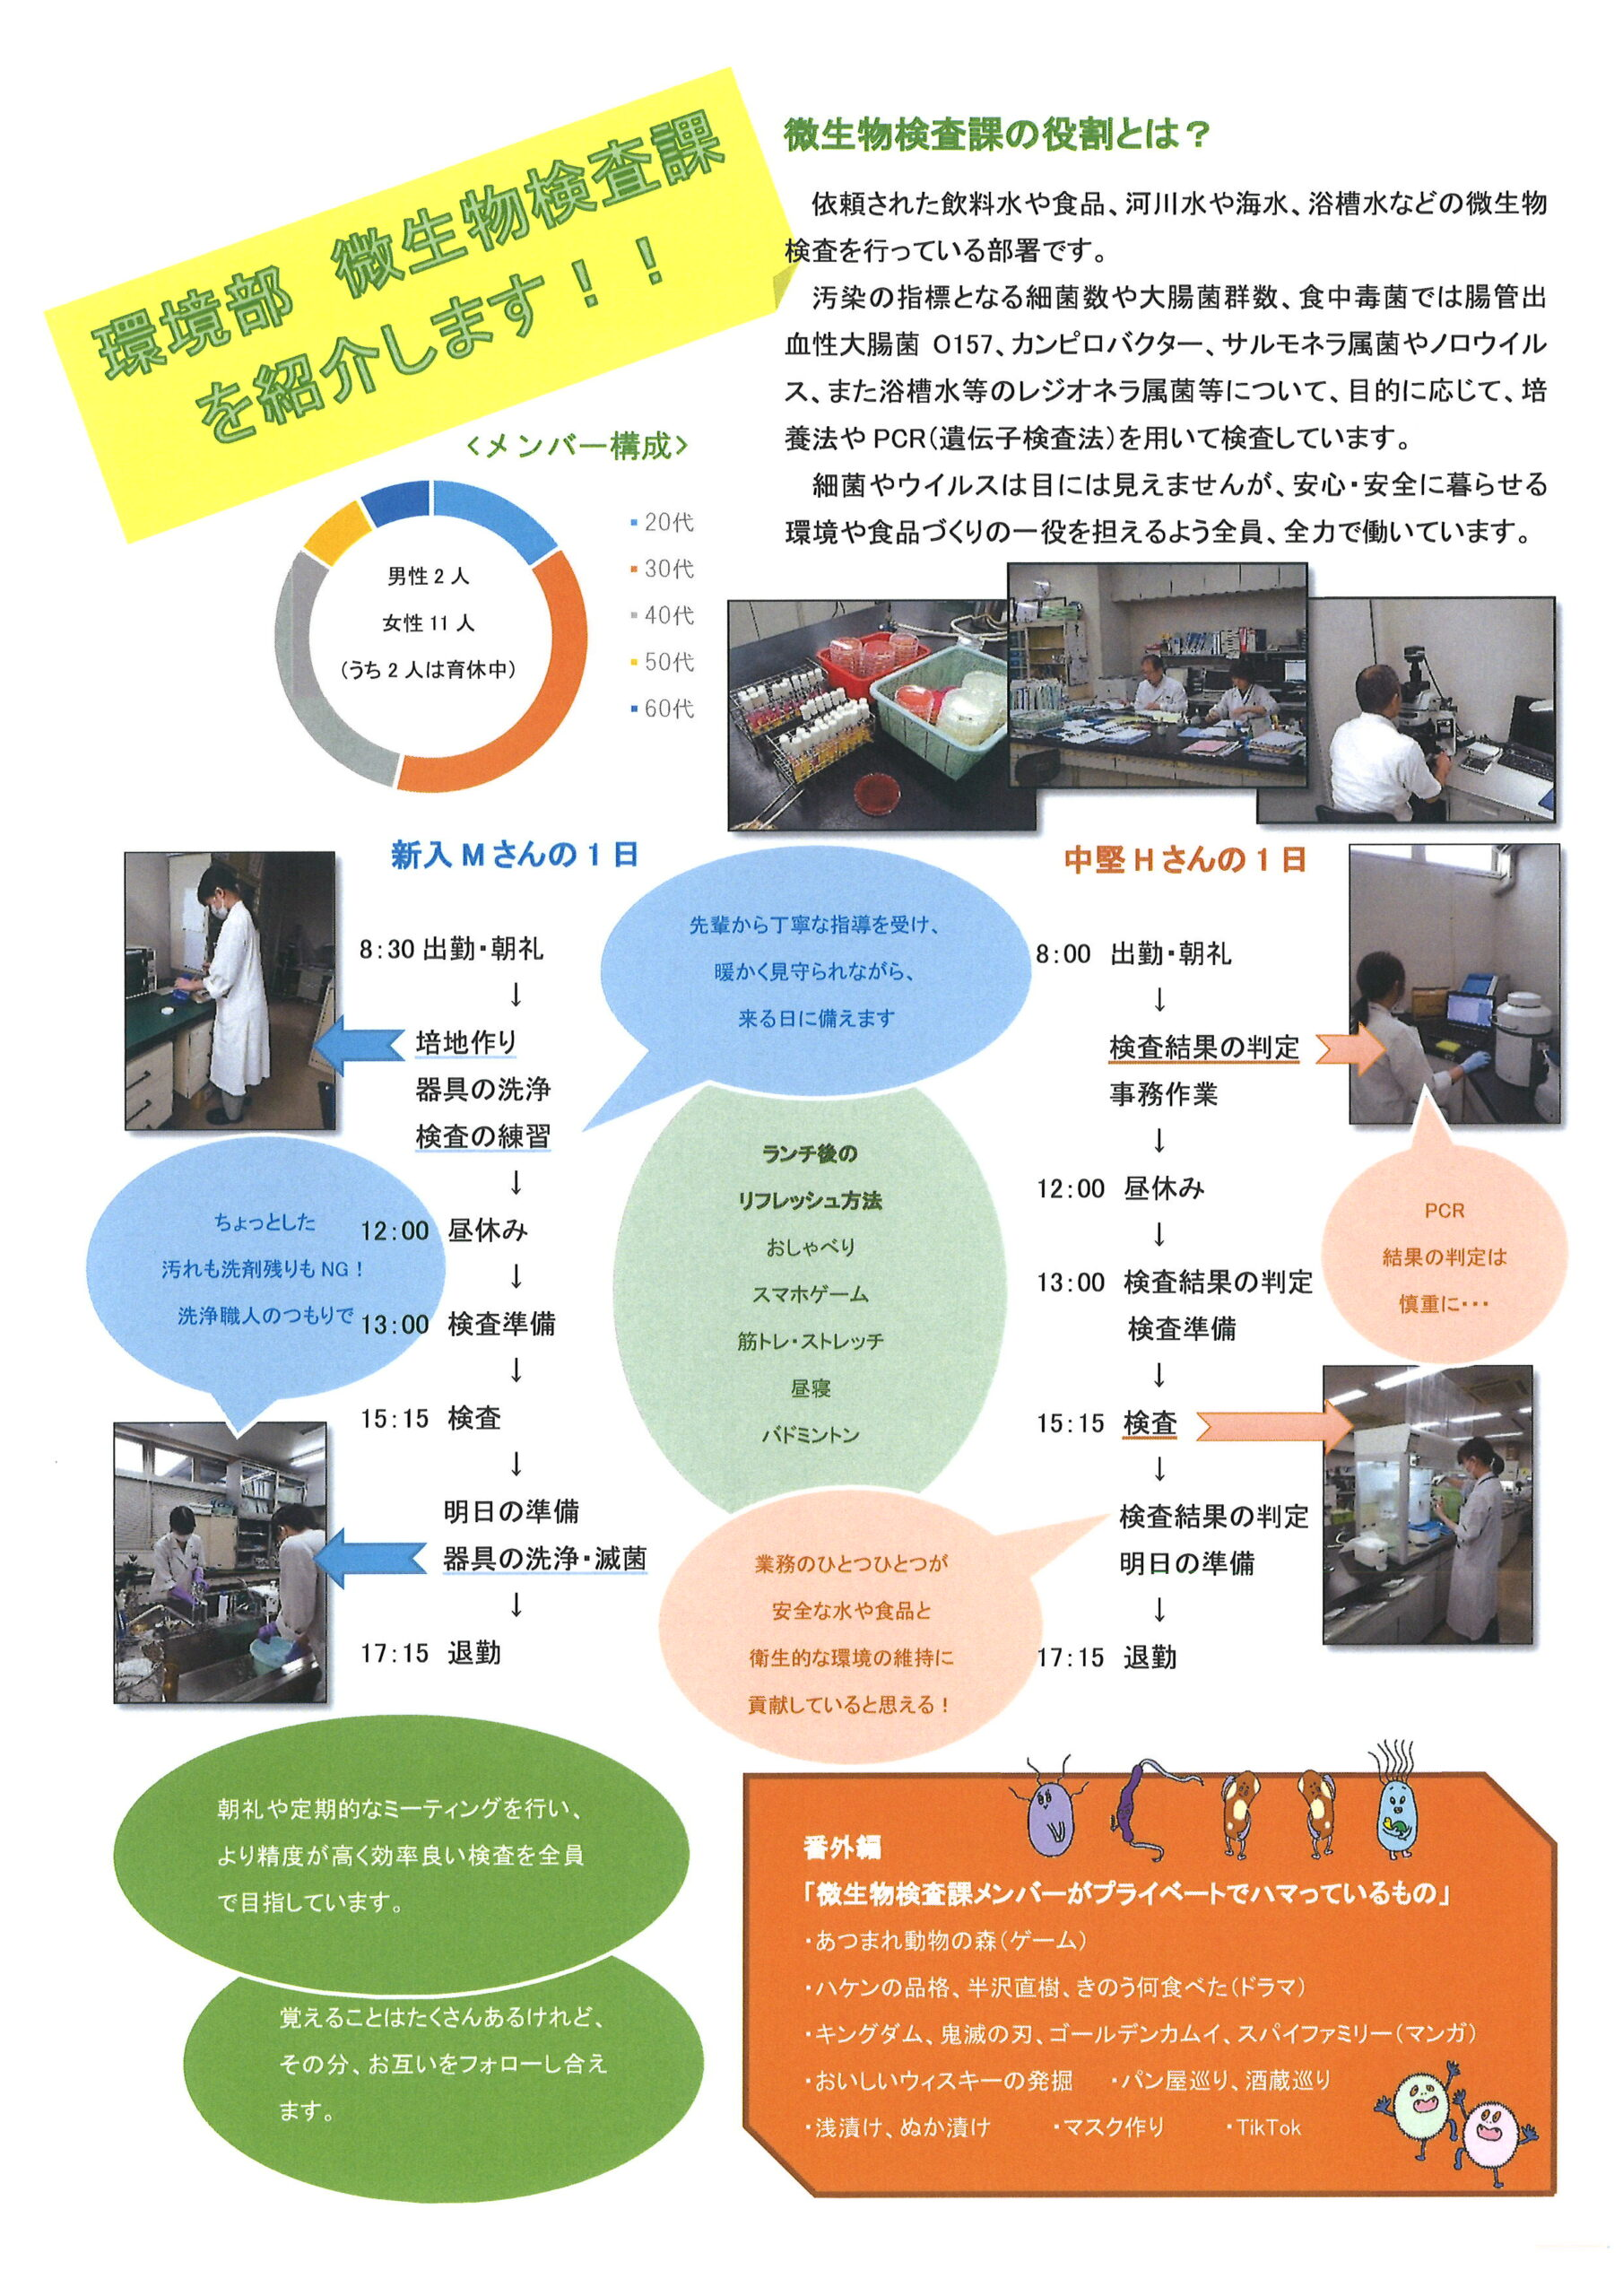 微生物検査課紹介